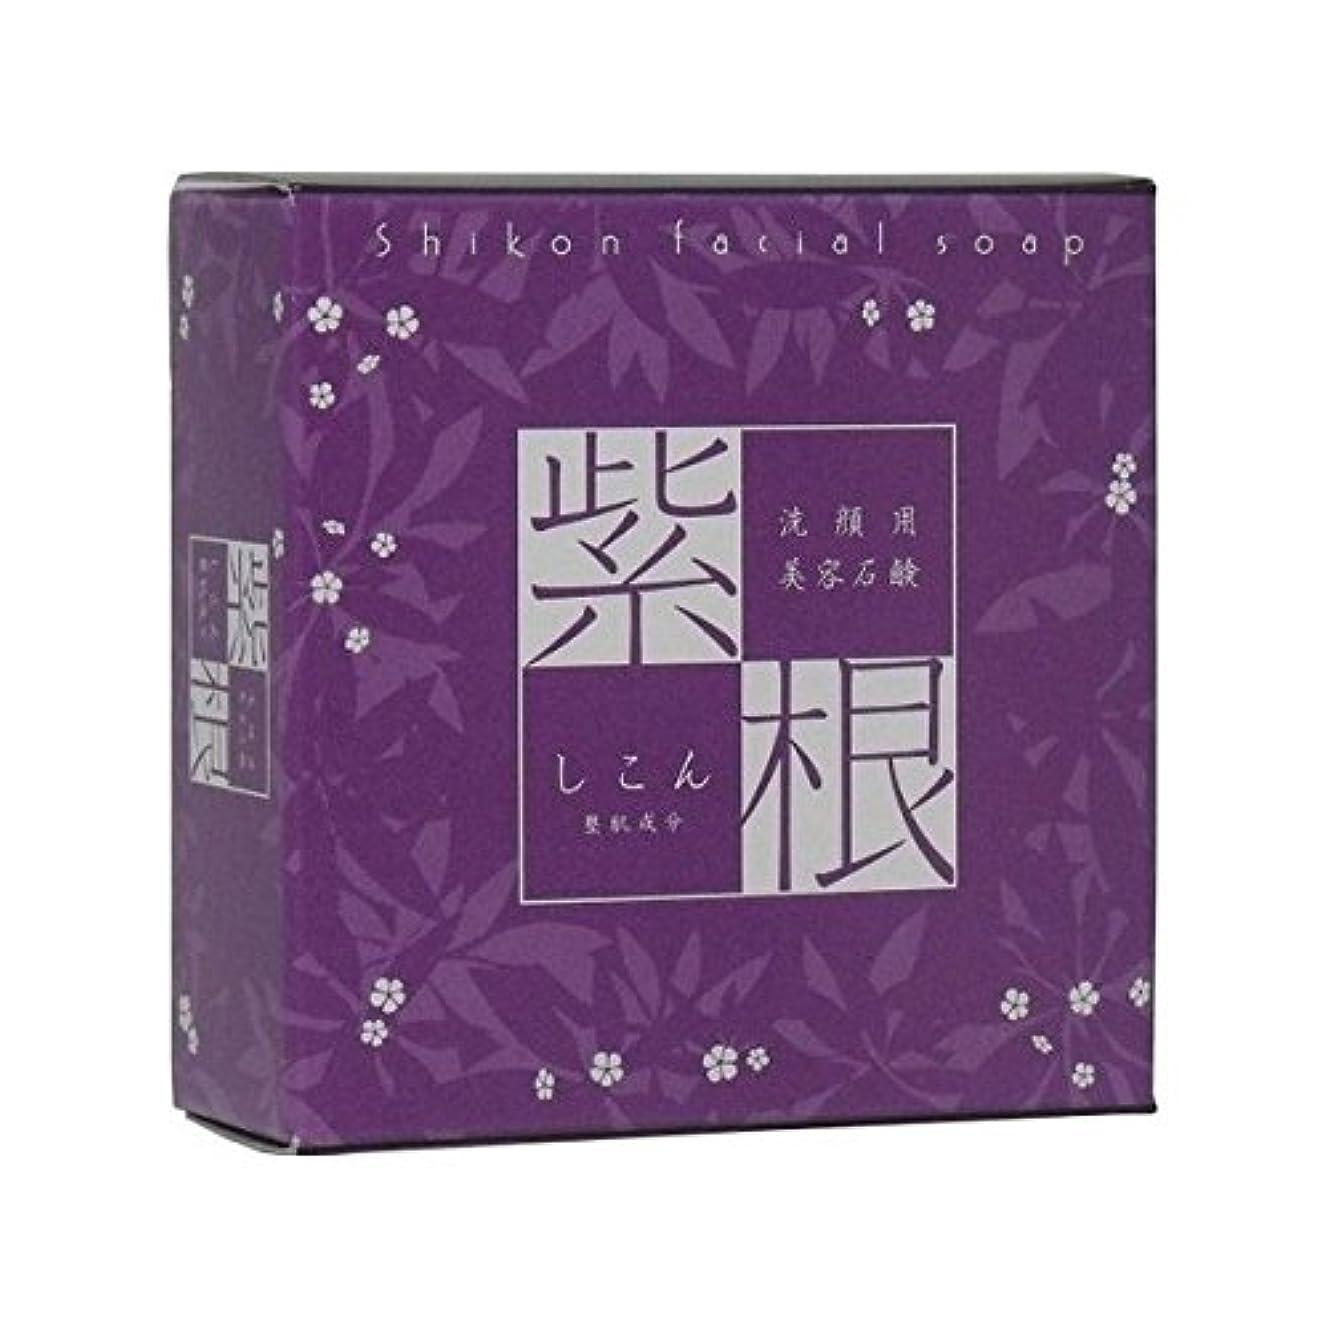 アーク必要性騒ぎ紫根石鹸110g(オリジナル泡立てネット付き)3個セット【魔女たちの22時で話題!】